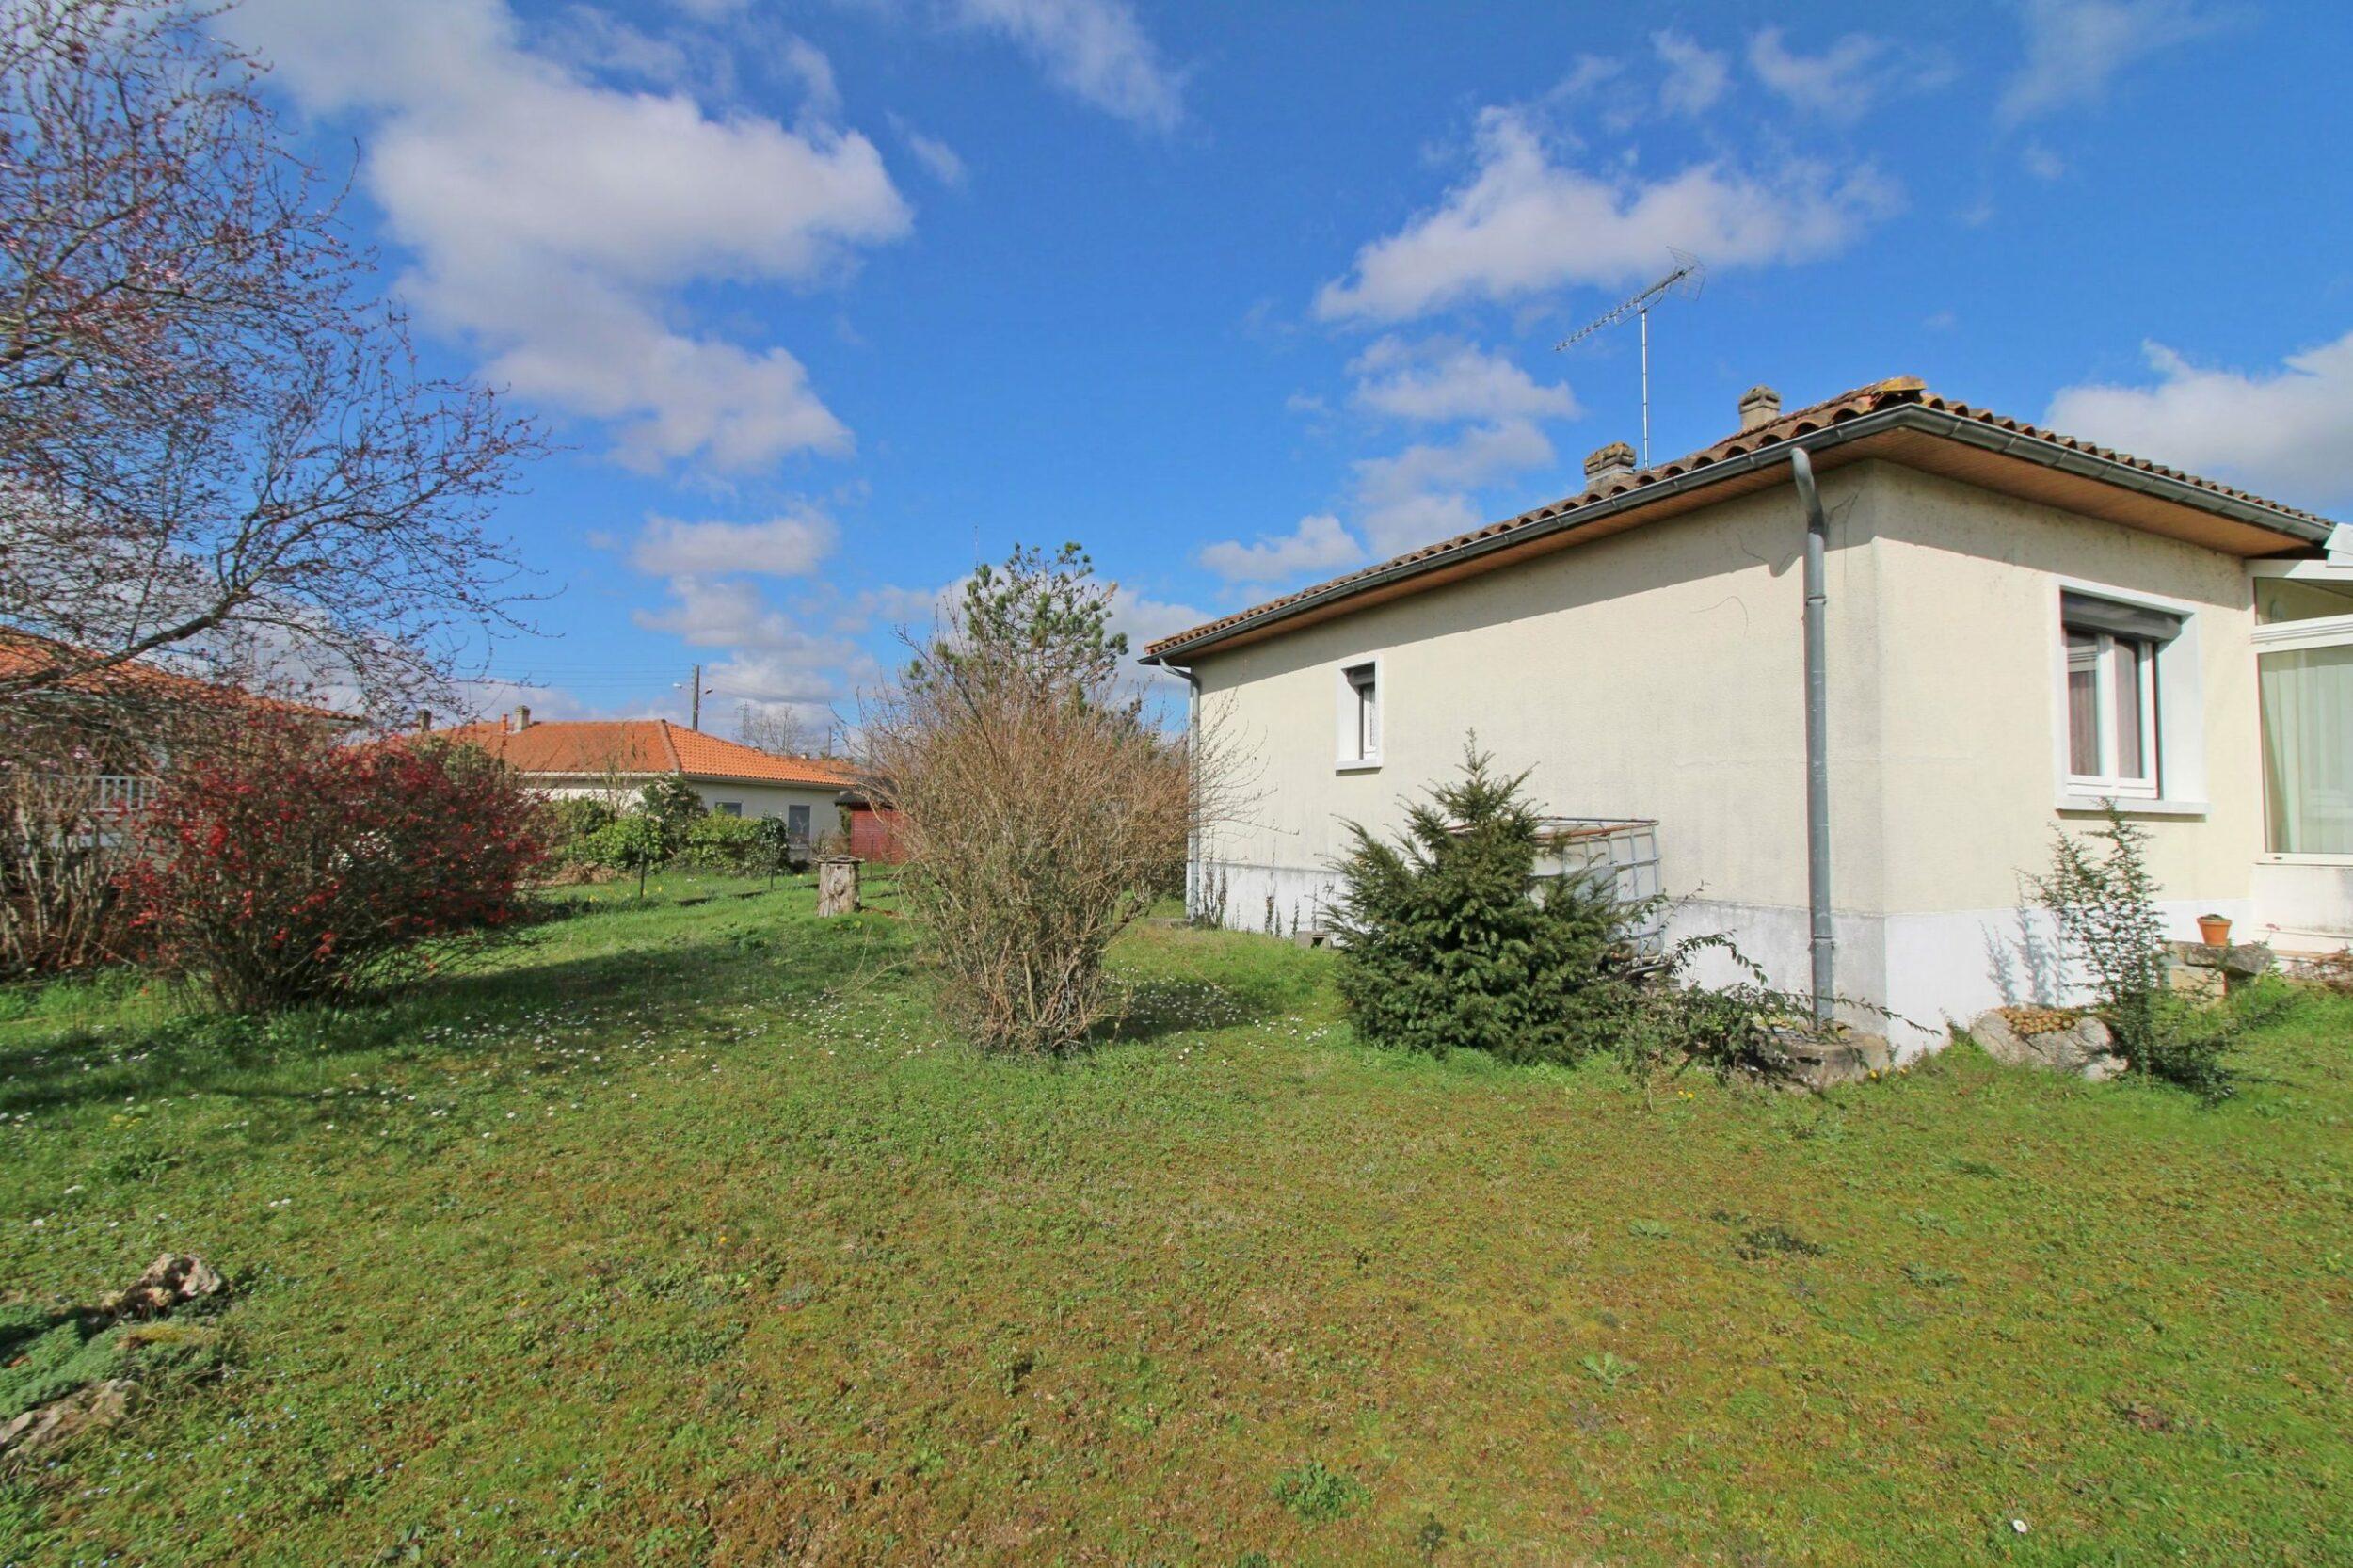 Maison en bon état général – PP 91m² 3 chambres avec garage – Linars